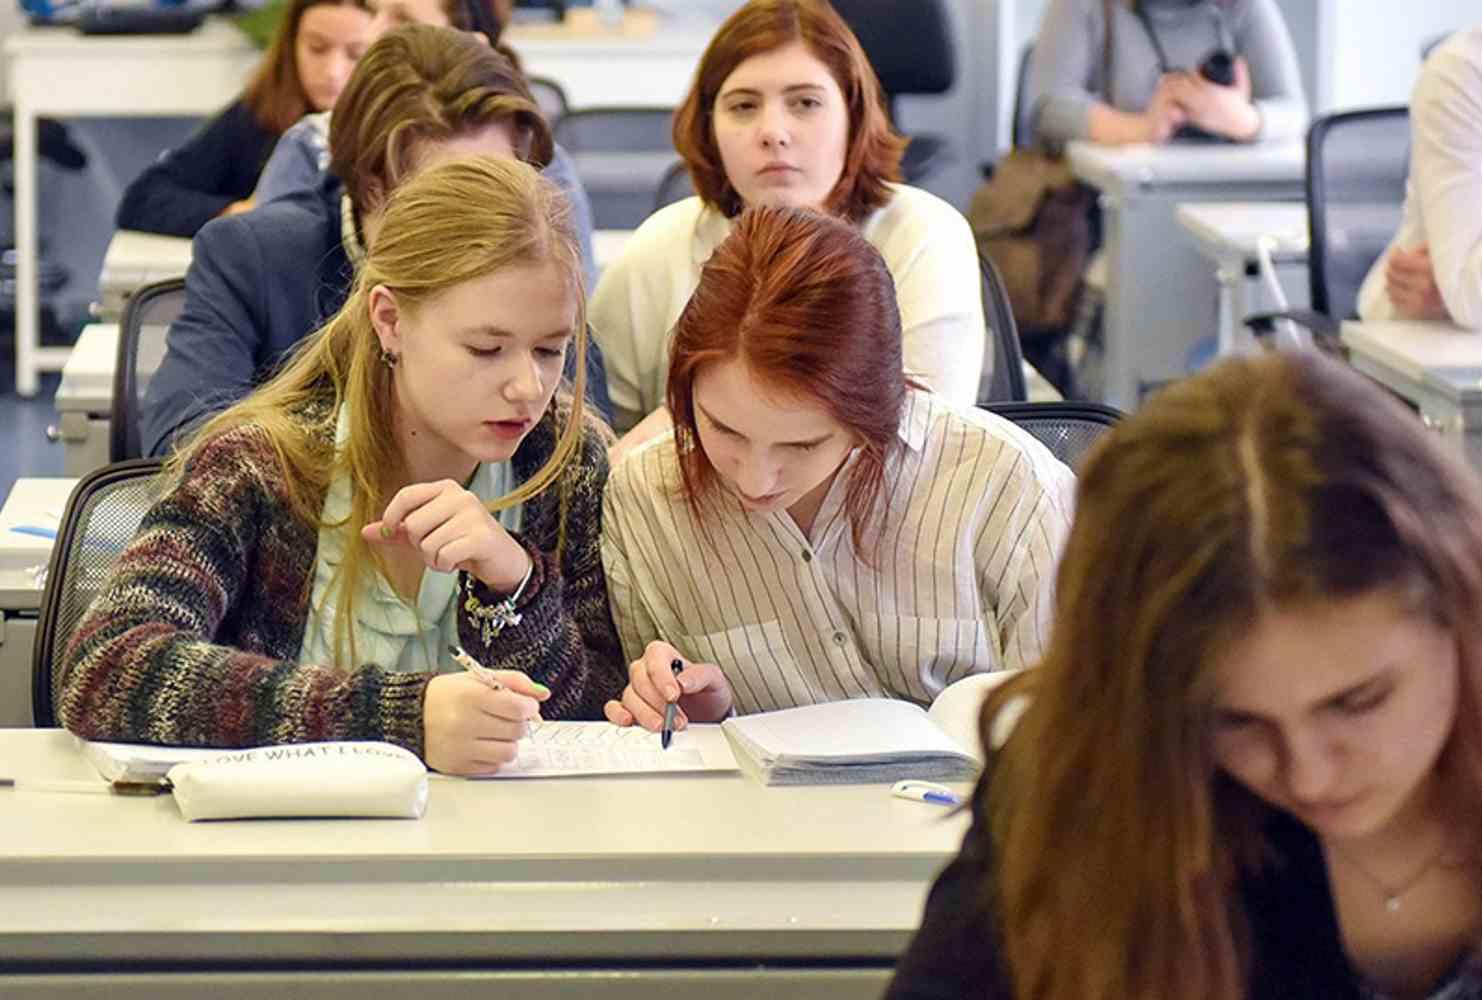 kak-budet-razvivatsya-moskovskoe-obrazovanie-v-2020-godu